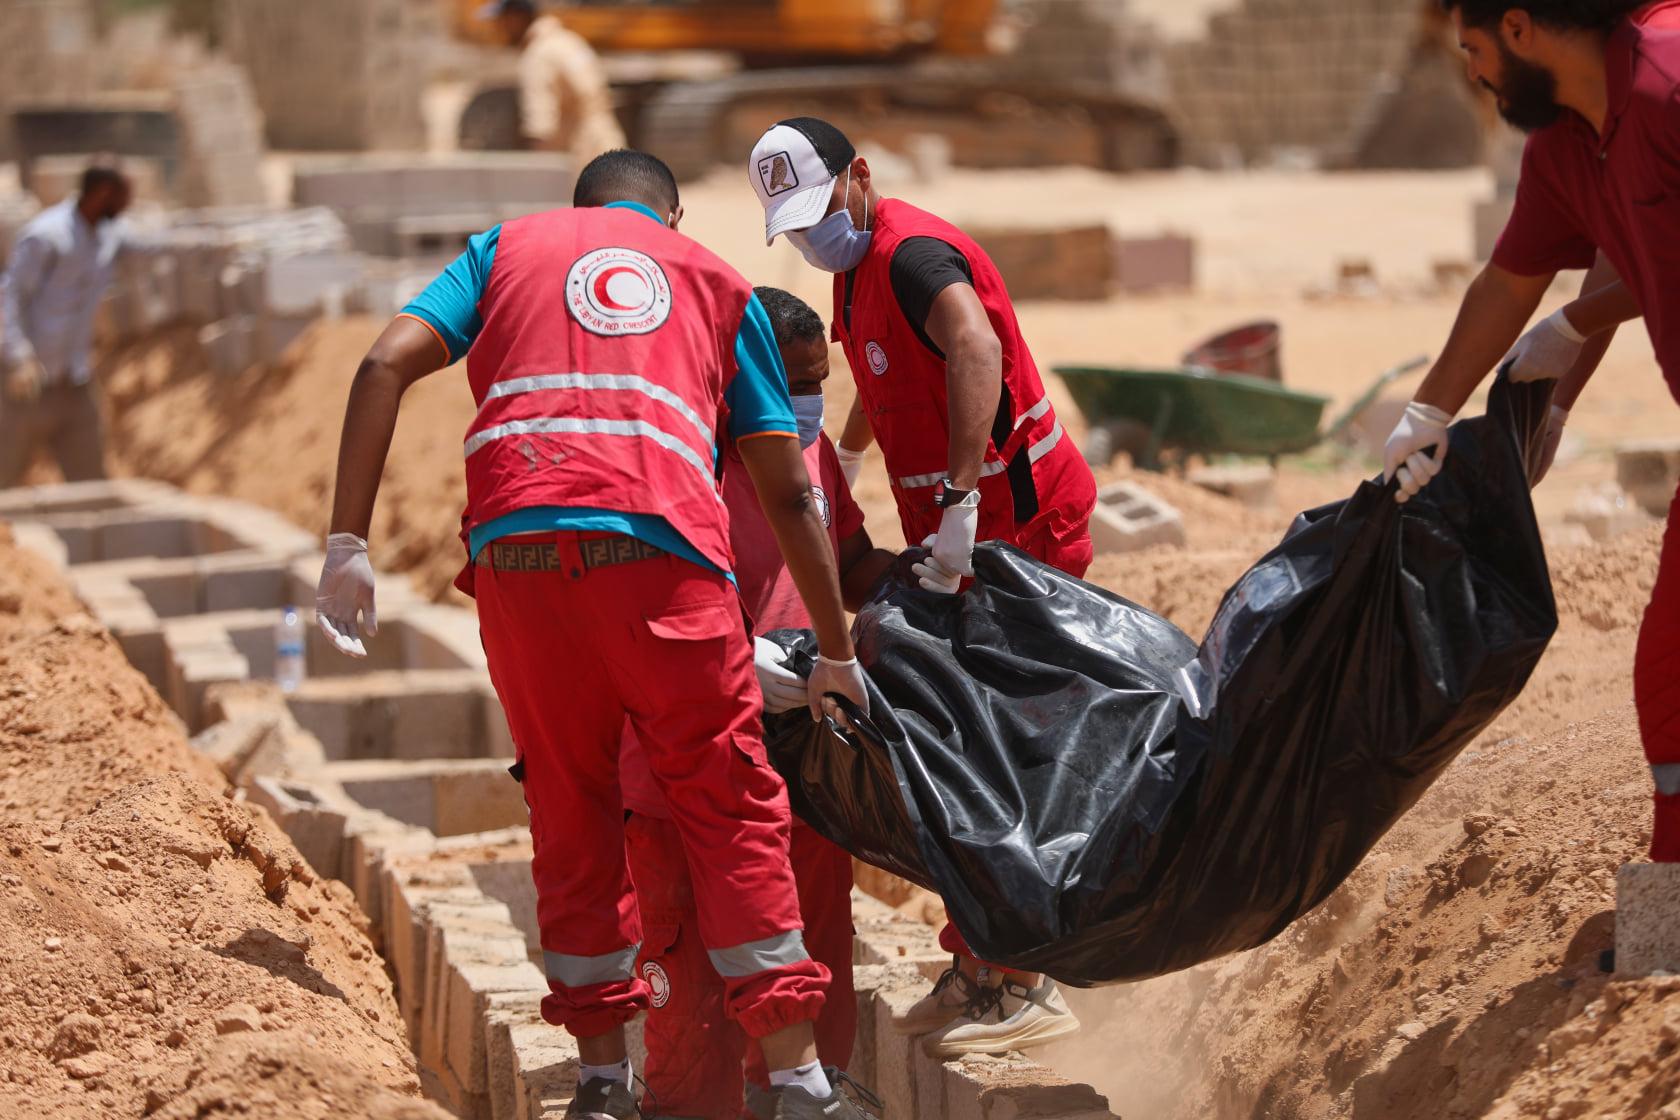 فريق الطوارئ بالهلال الأحمر الليبي بنغازي بدفن ثمانية جثامين مجهولة